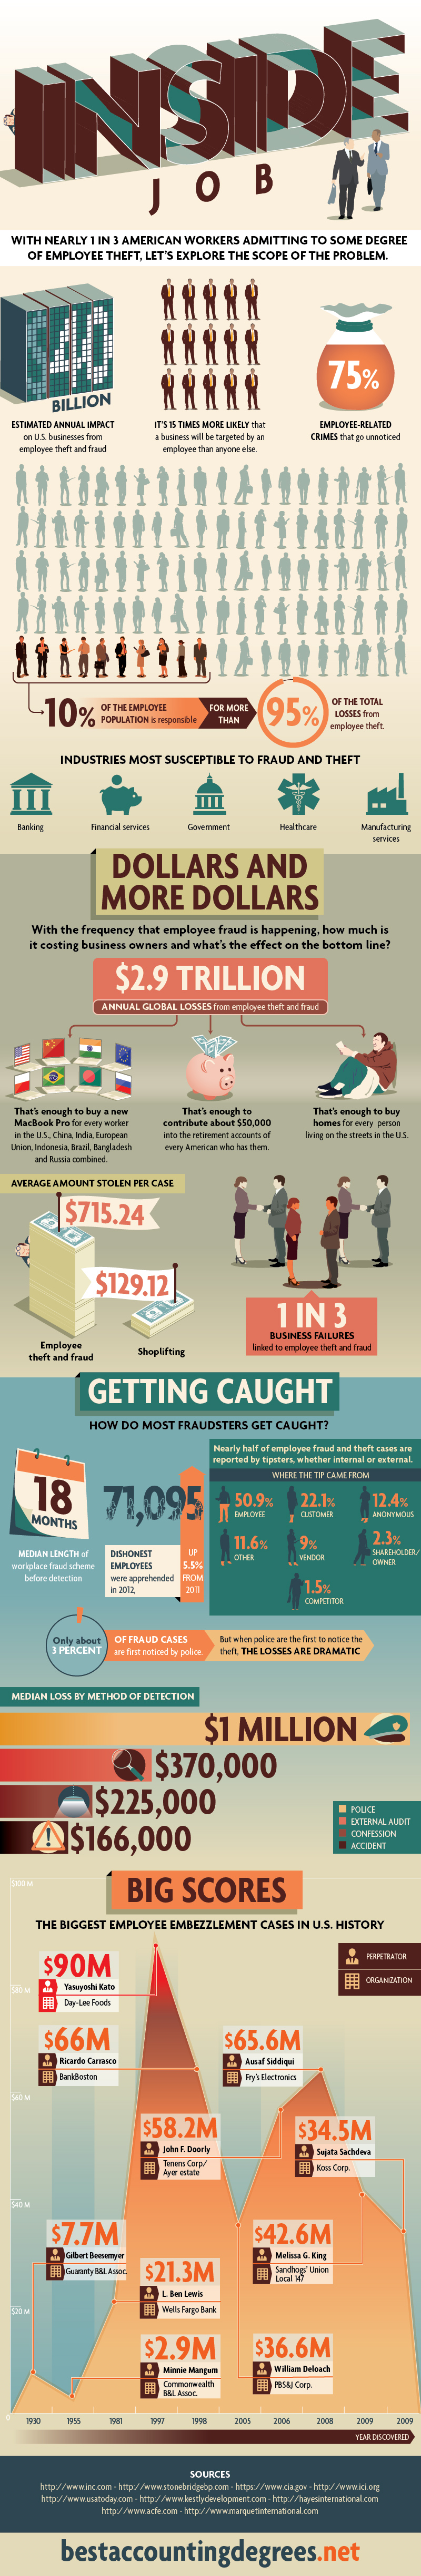 Employee Theft